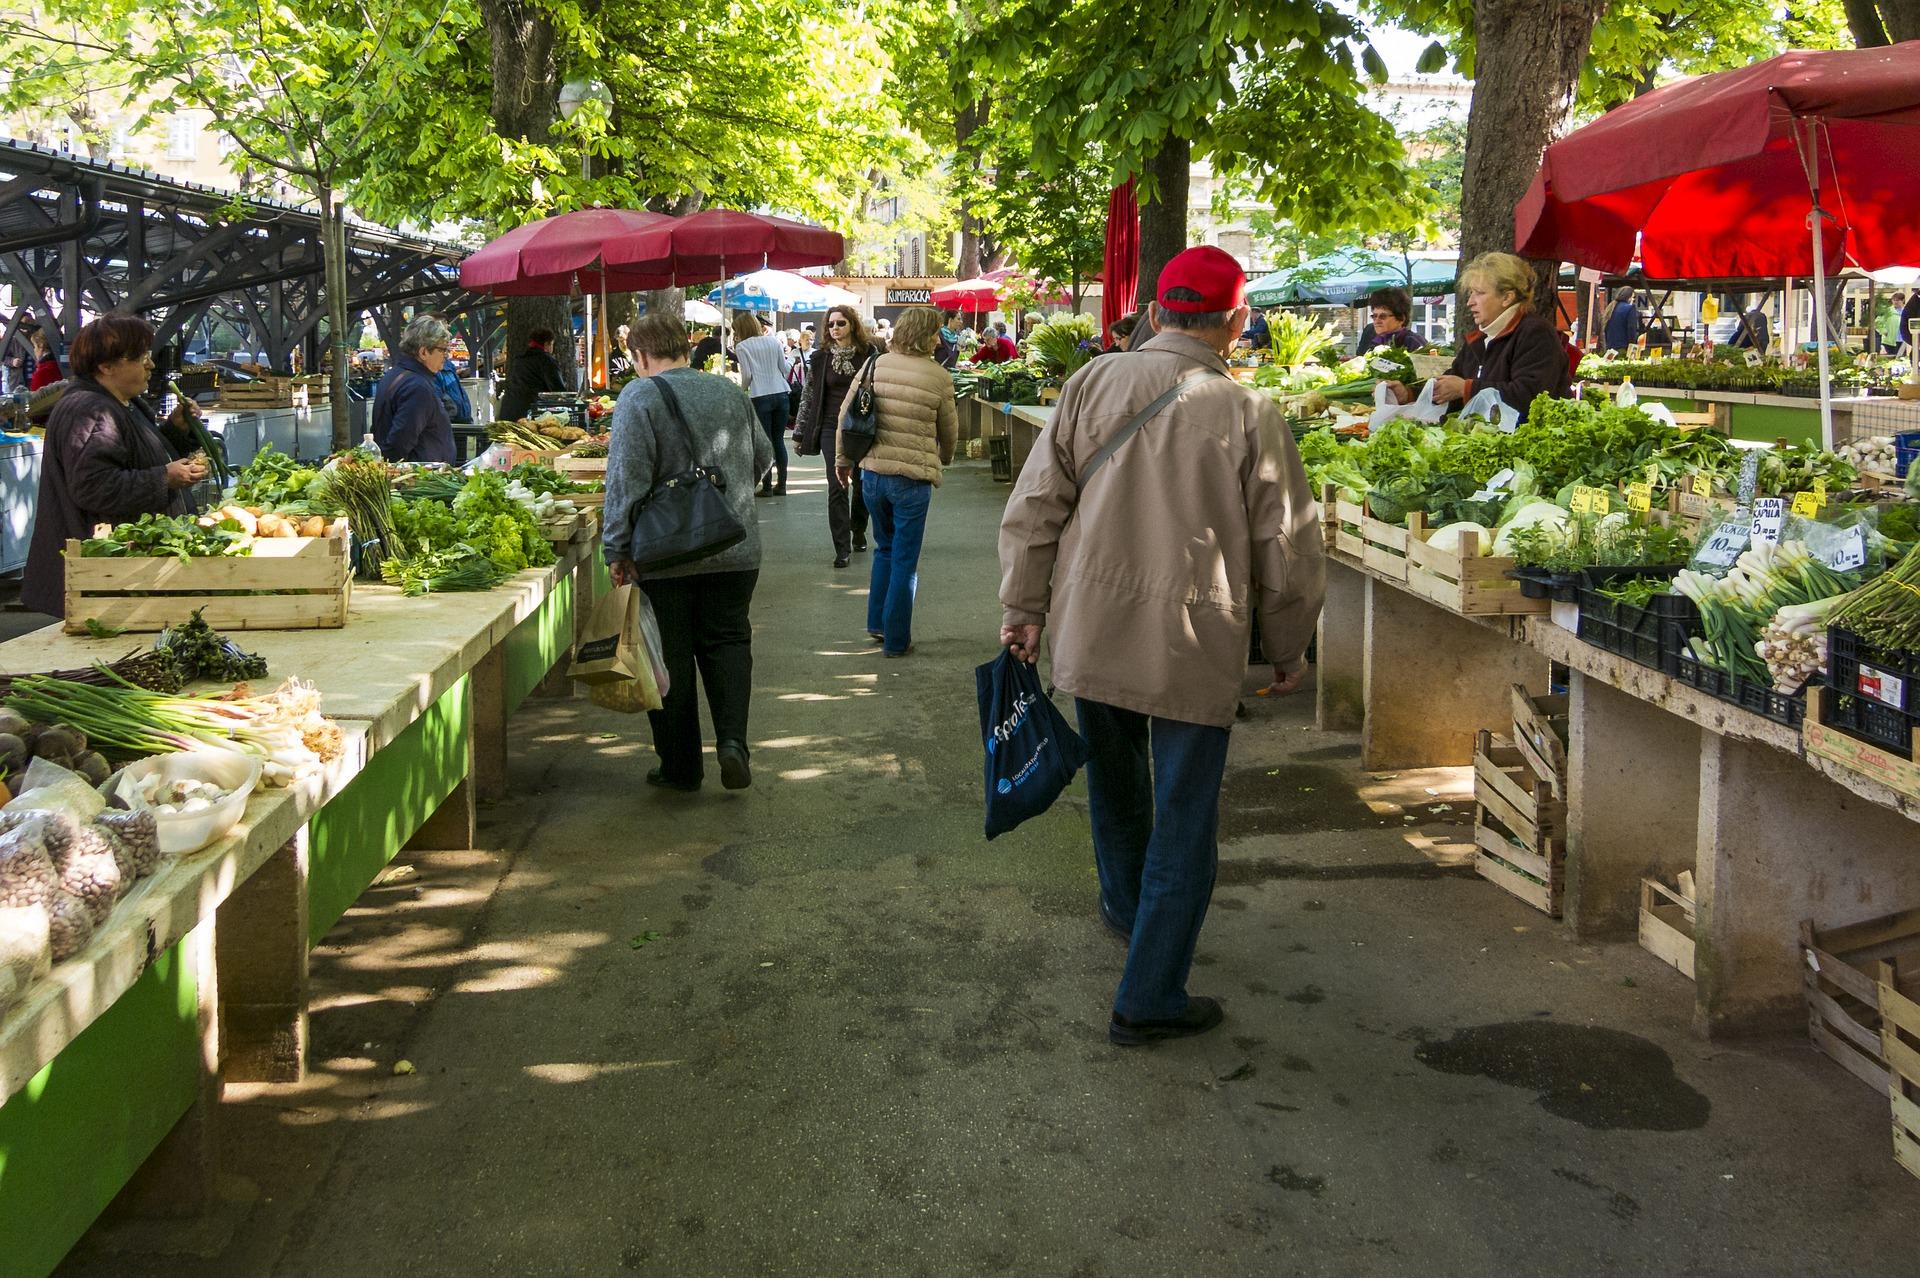 market-1558658_1920.jpg